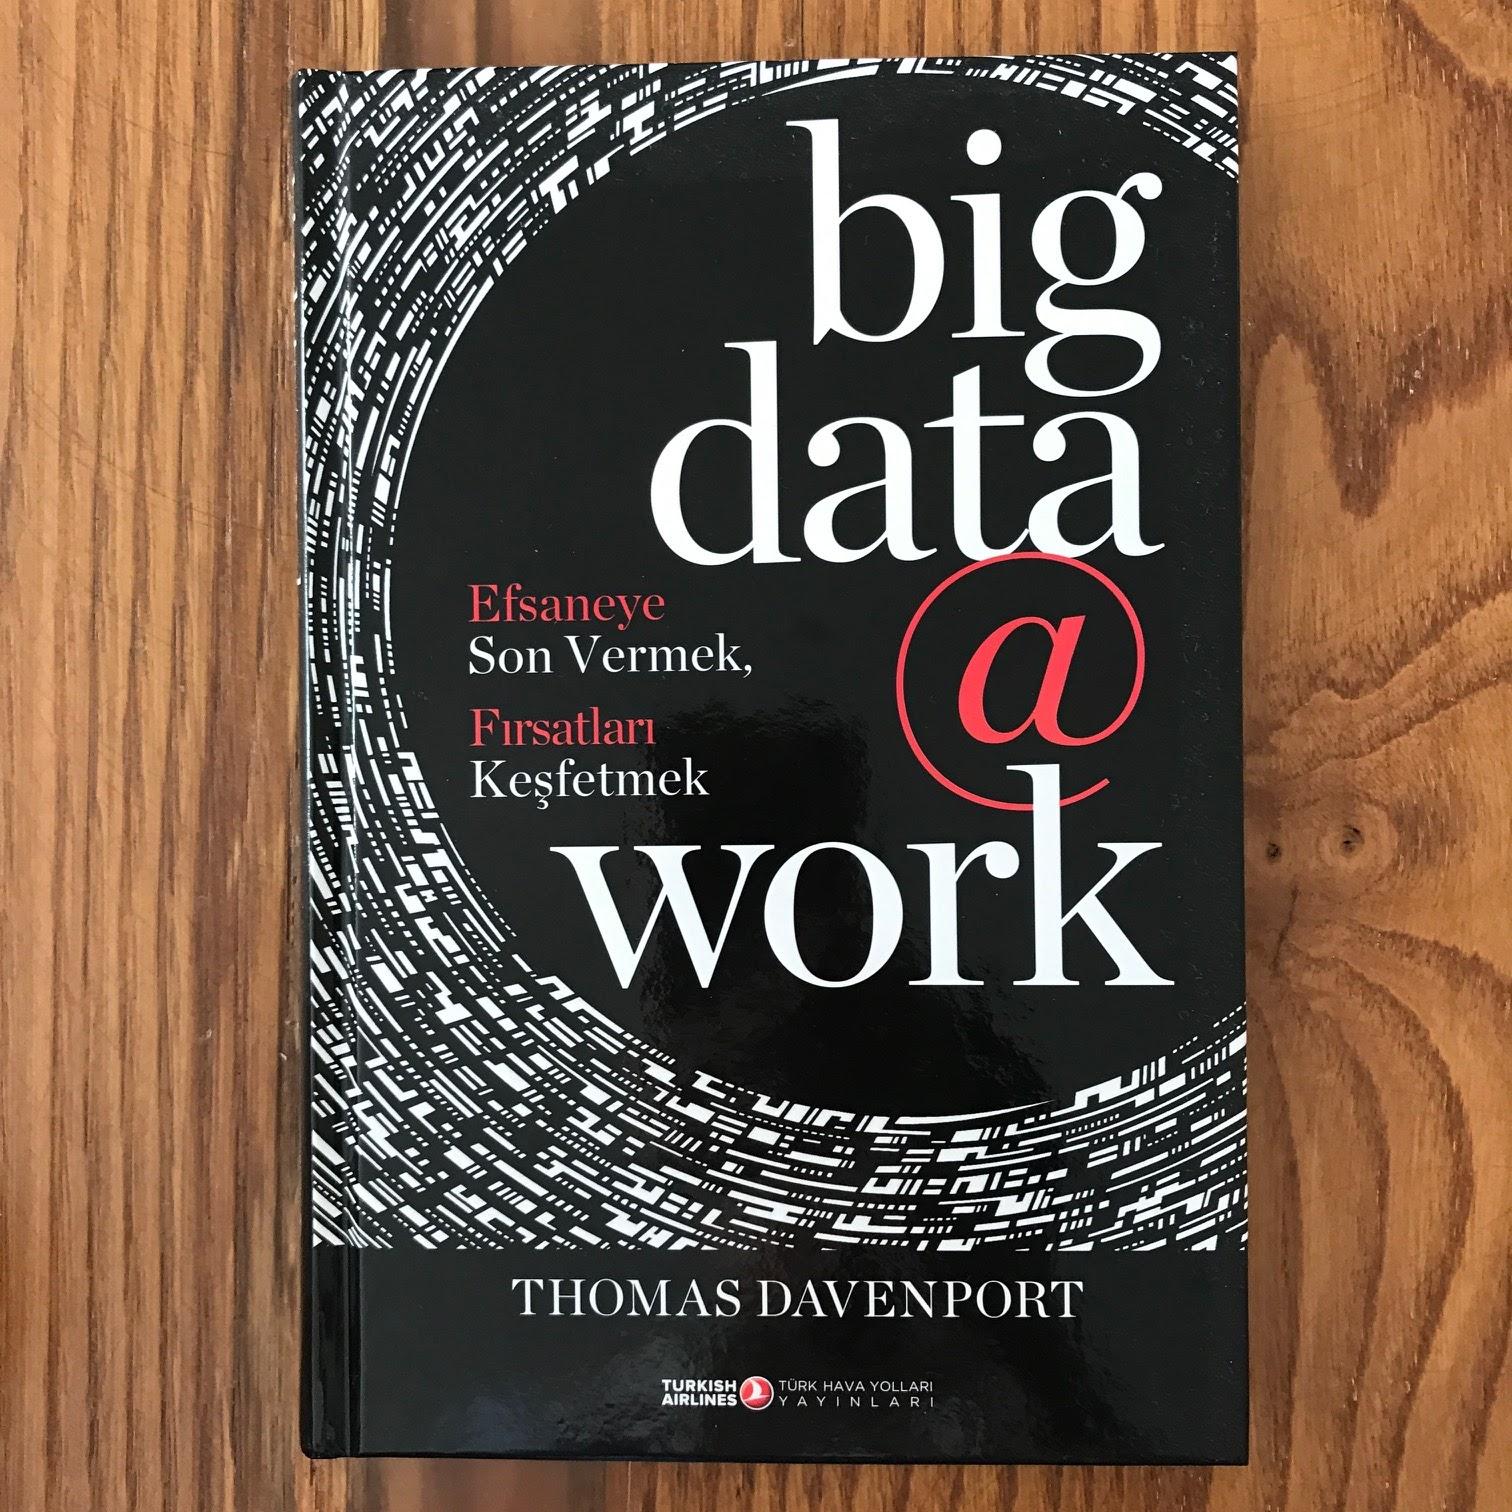 Big Data @ Work - Efsaneye Son Vermek, Firsatlari Kesfetmek (Kitap)